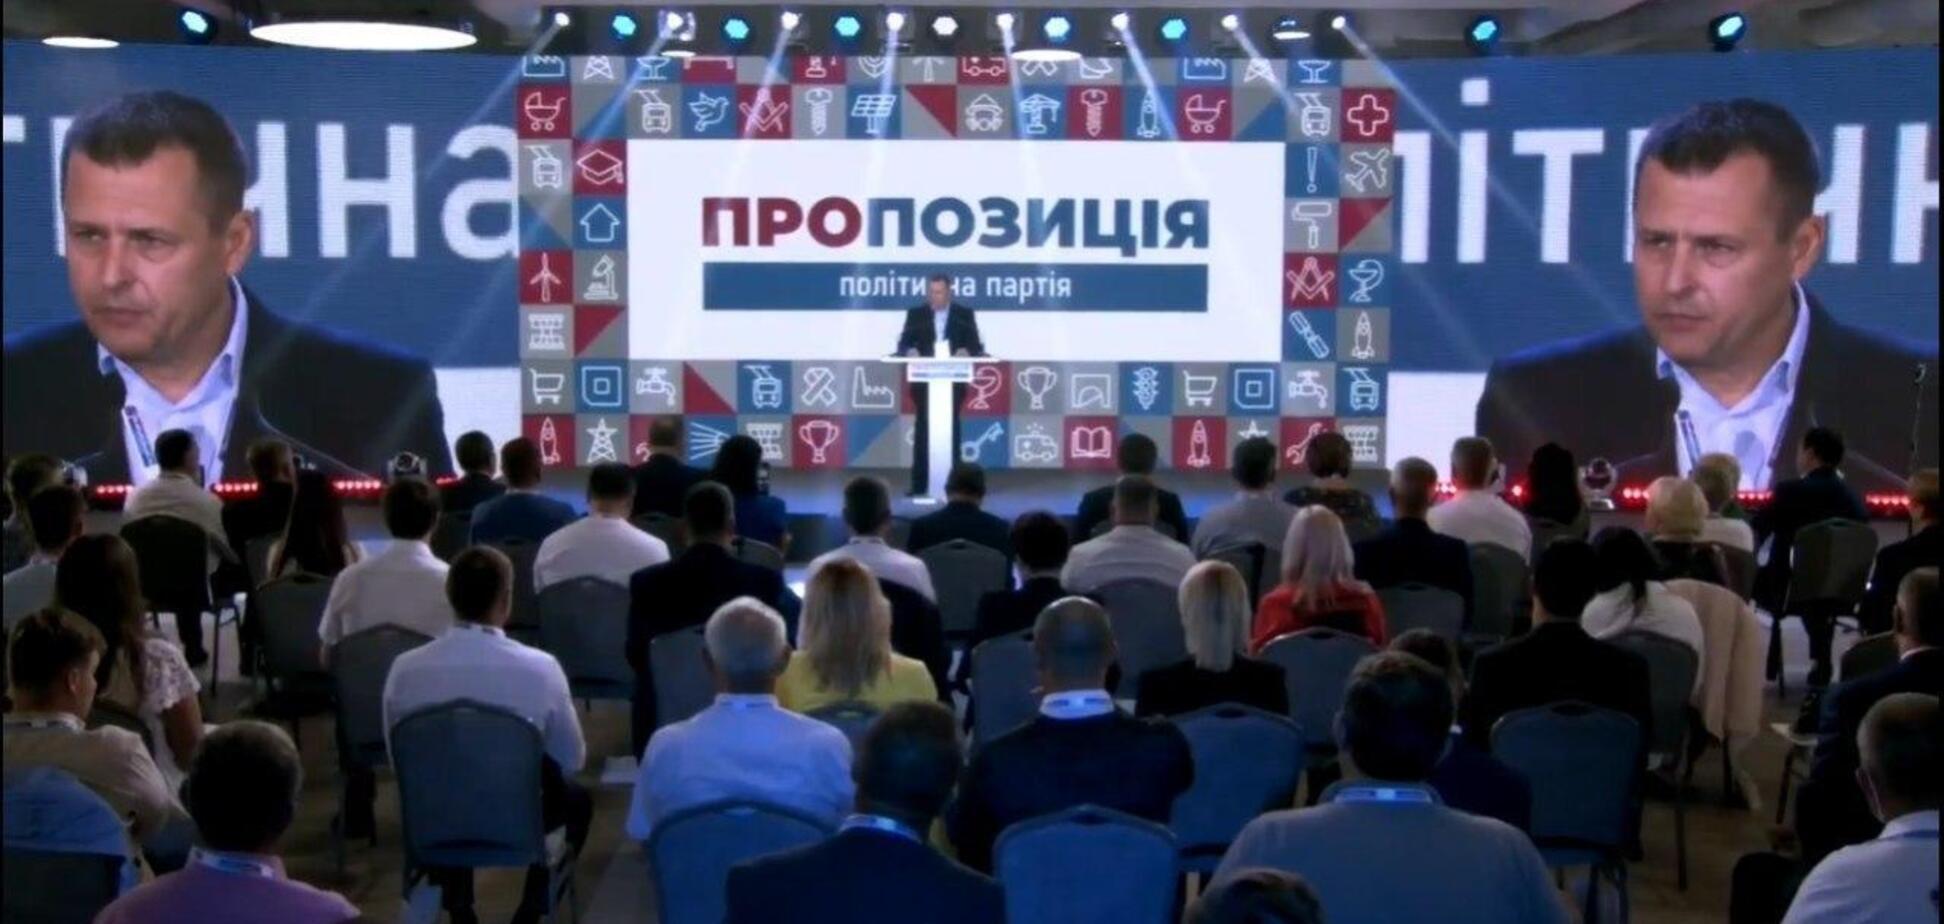 Ексглава Дніпропетровської ОДА Резніченко вступив до ''Пропозиції''